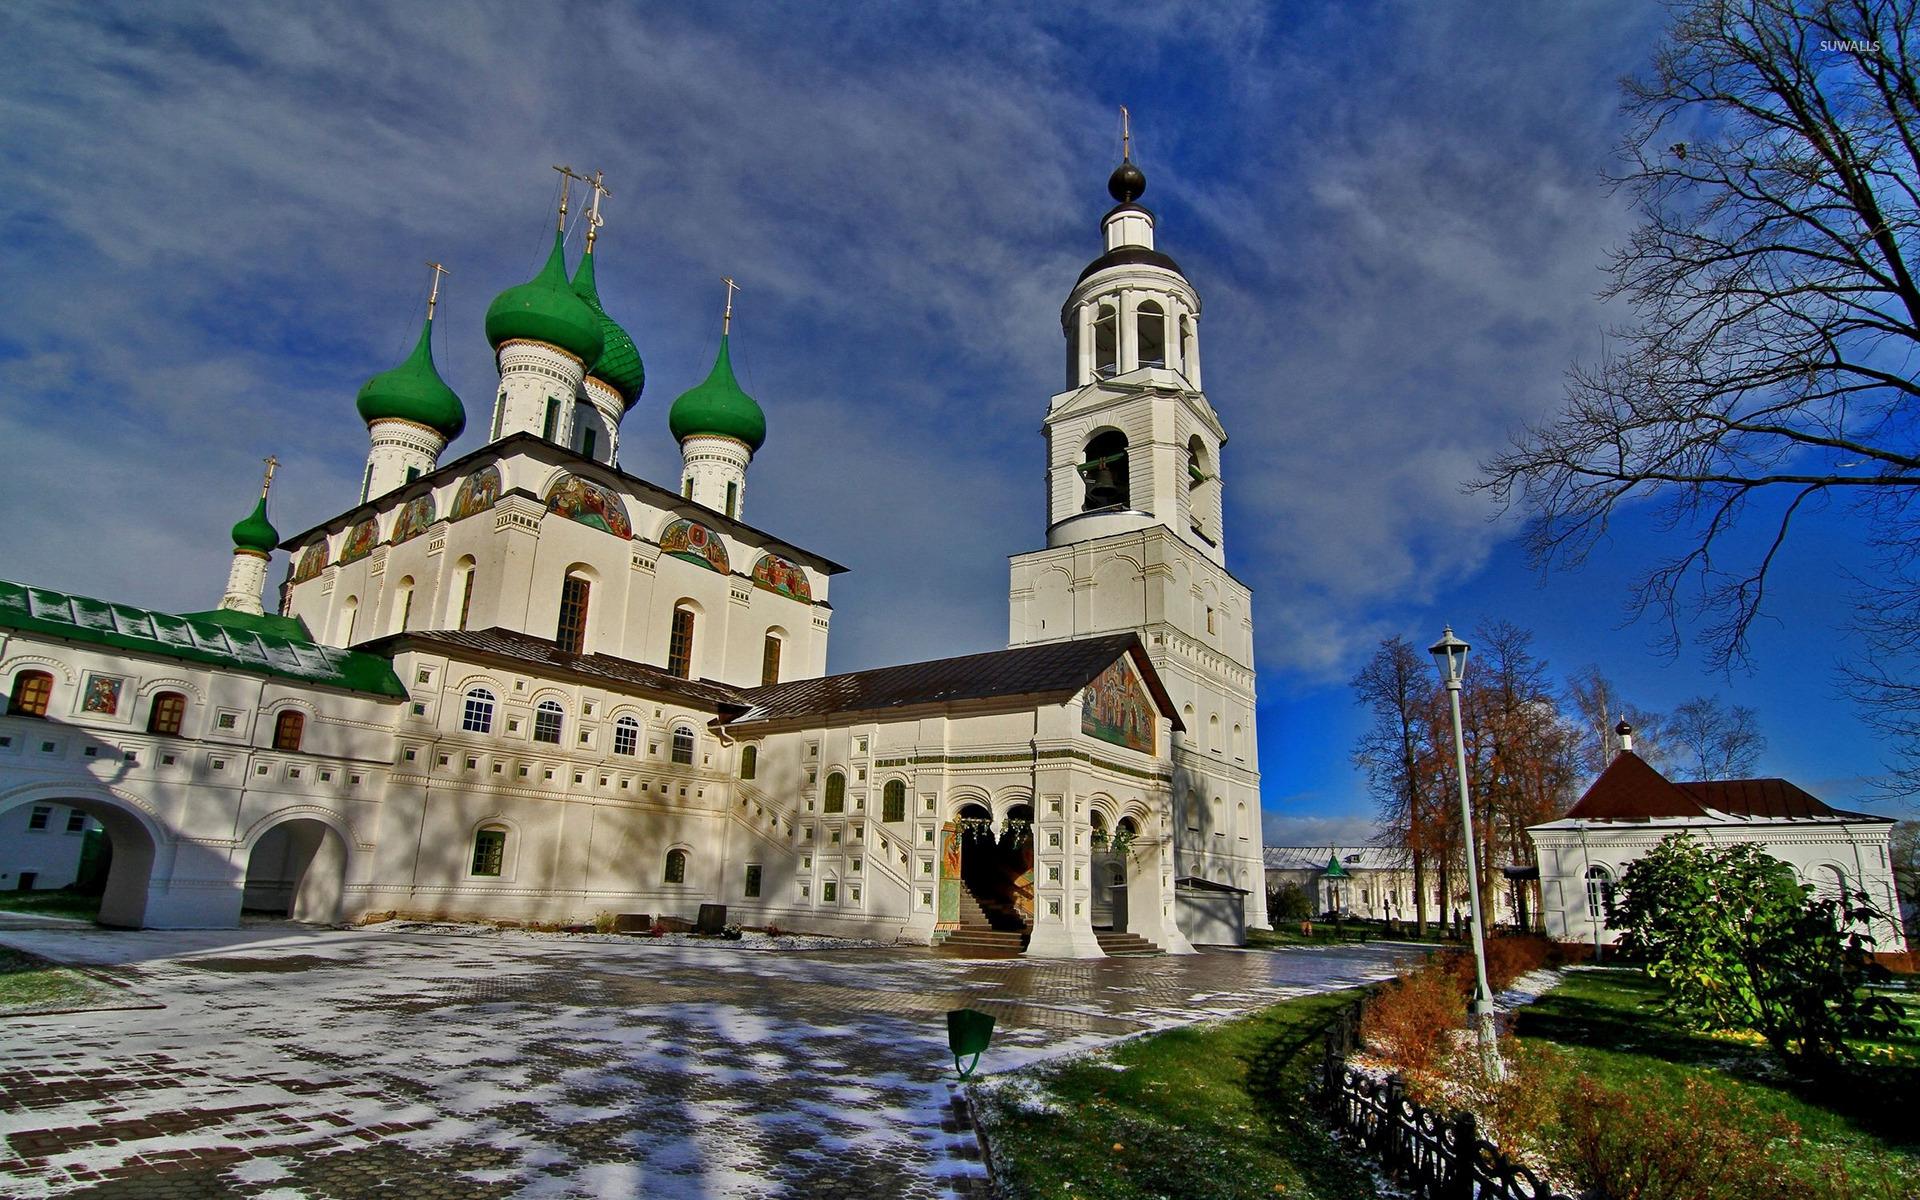 Russian Church Wallpaper World Wallpapers 37692